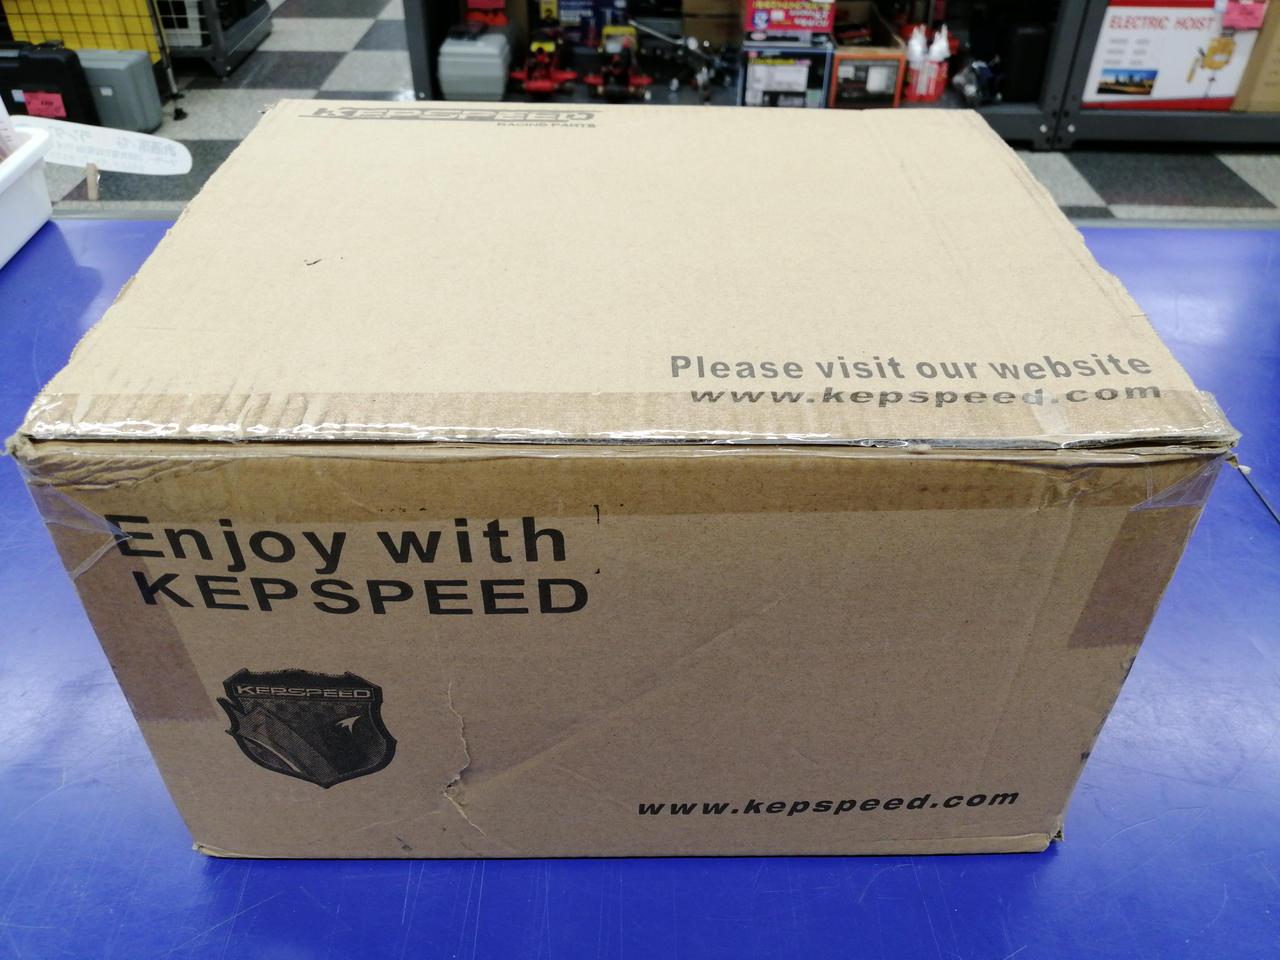 この箱にプチプチを巻いて発送します